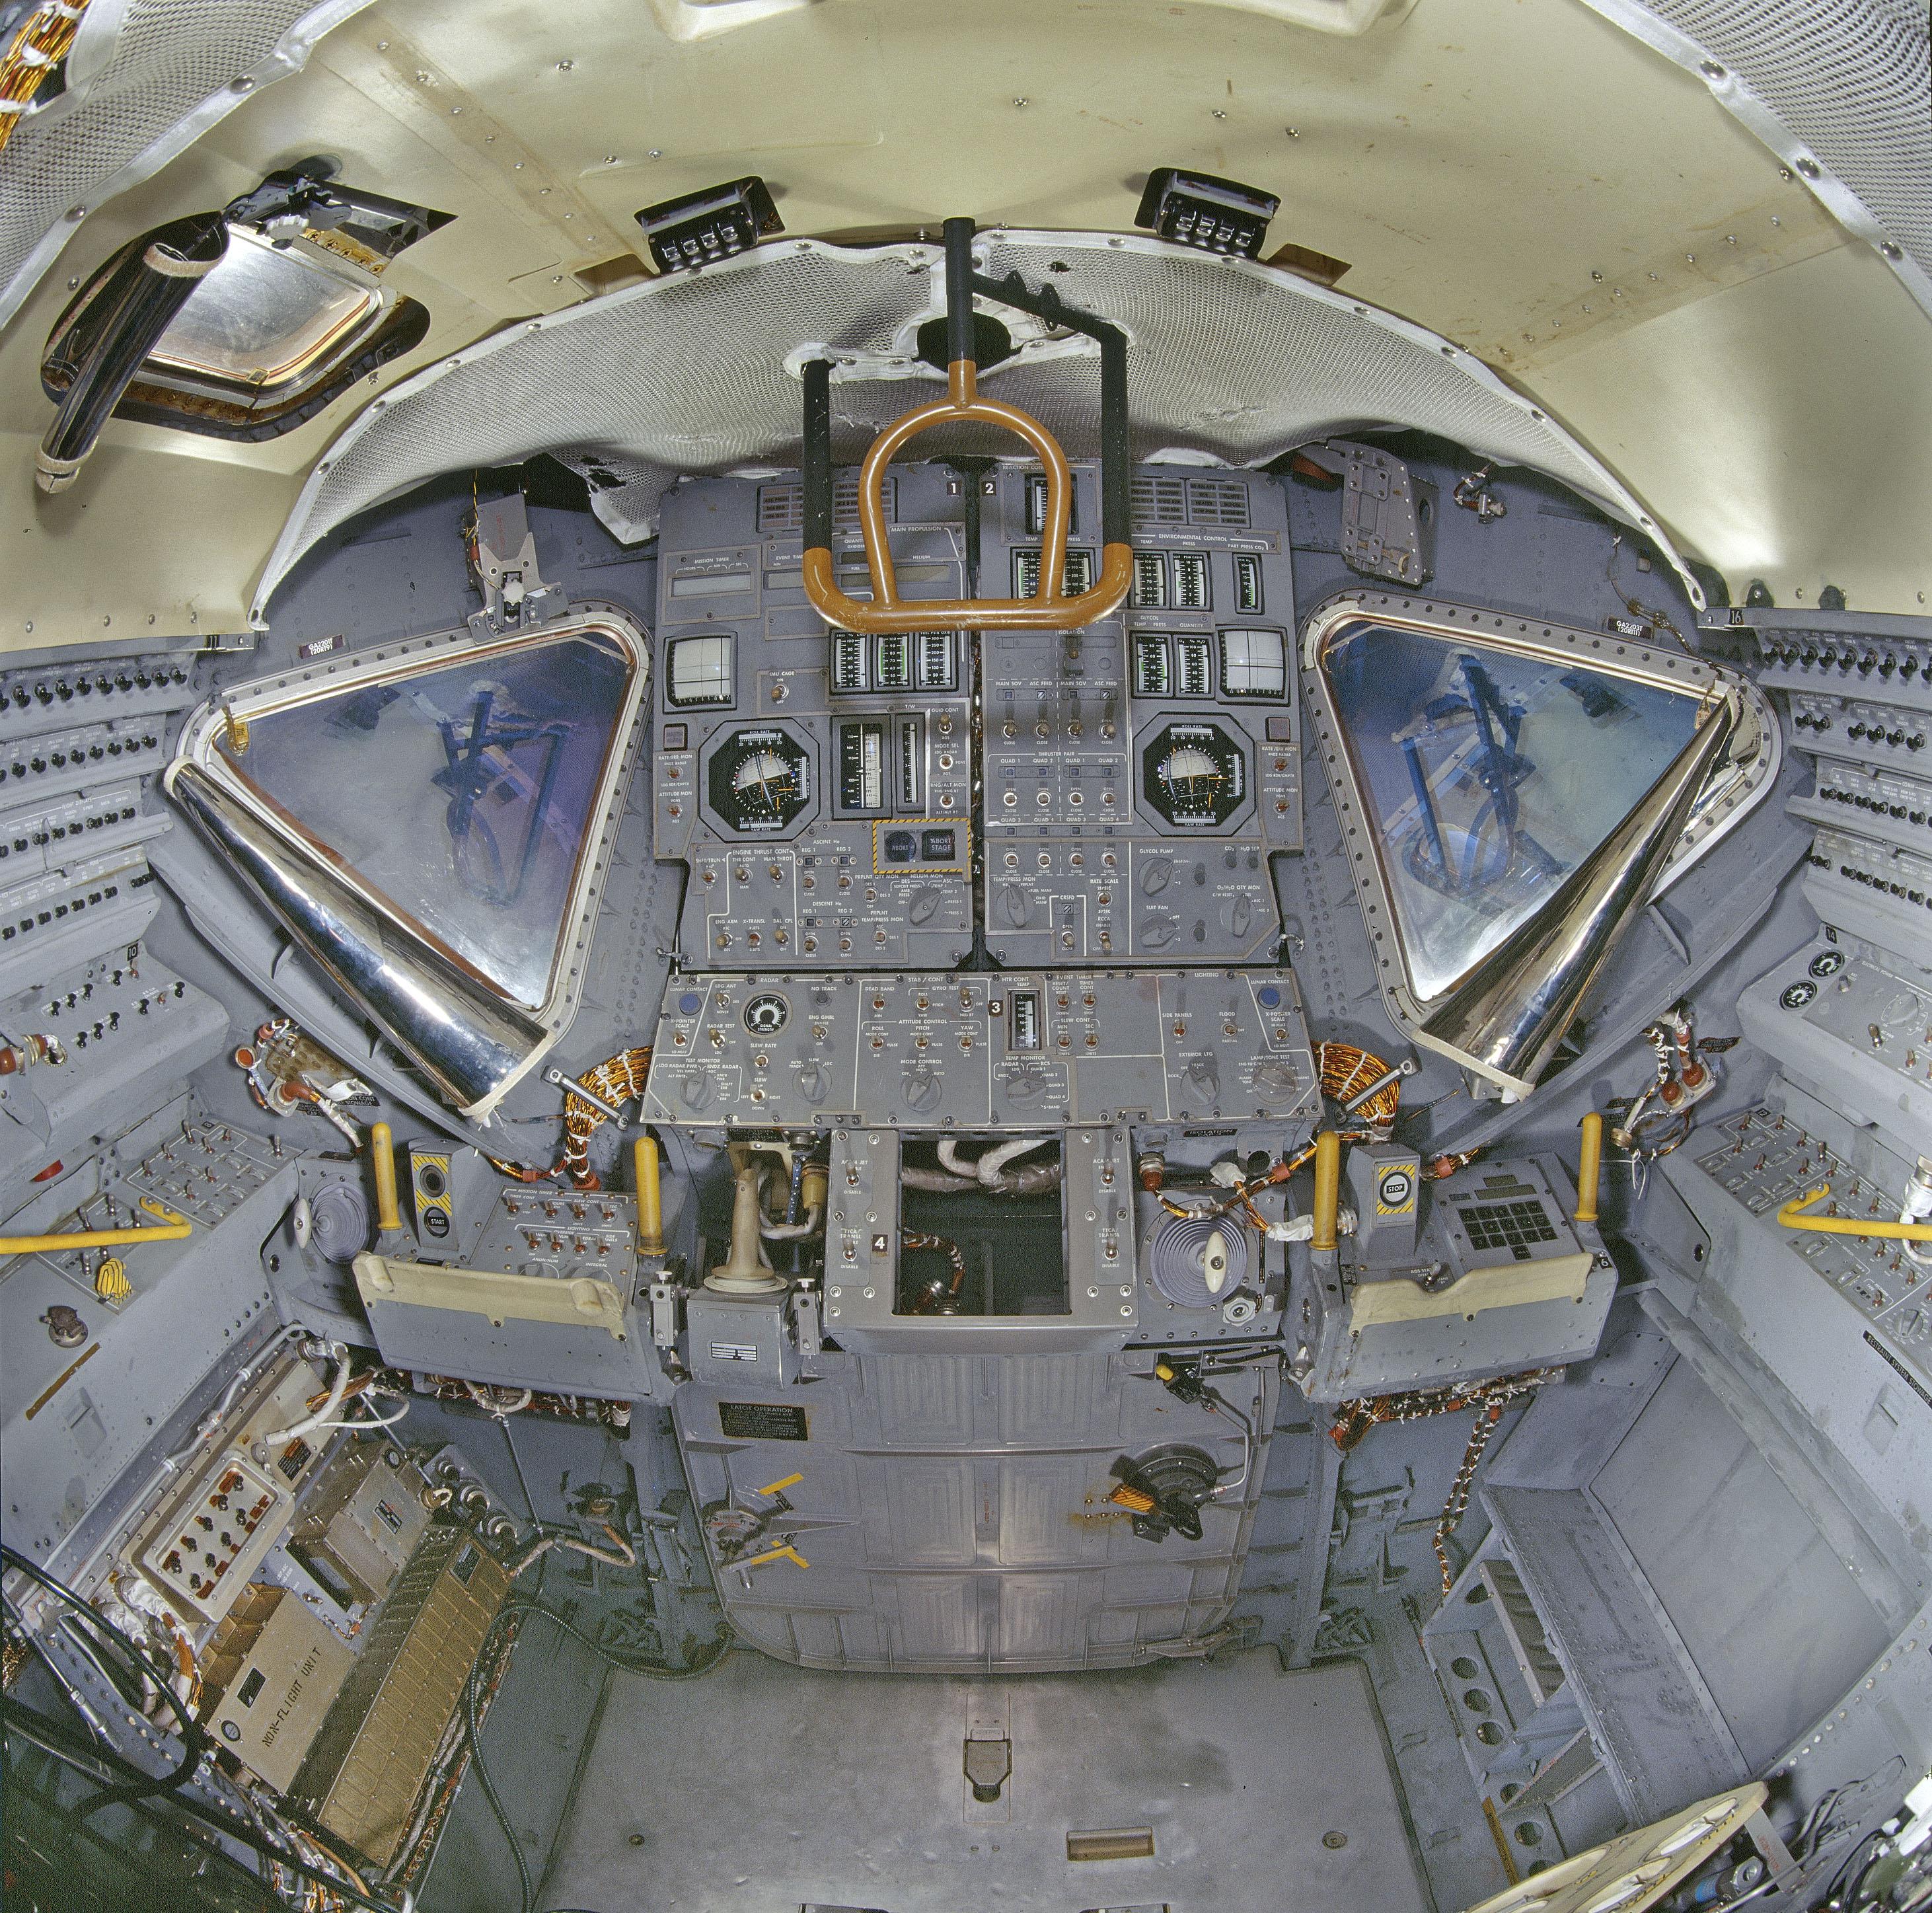 apollo lunar module design - photo #31